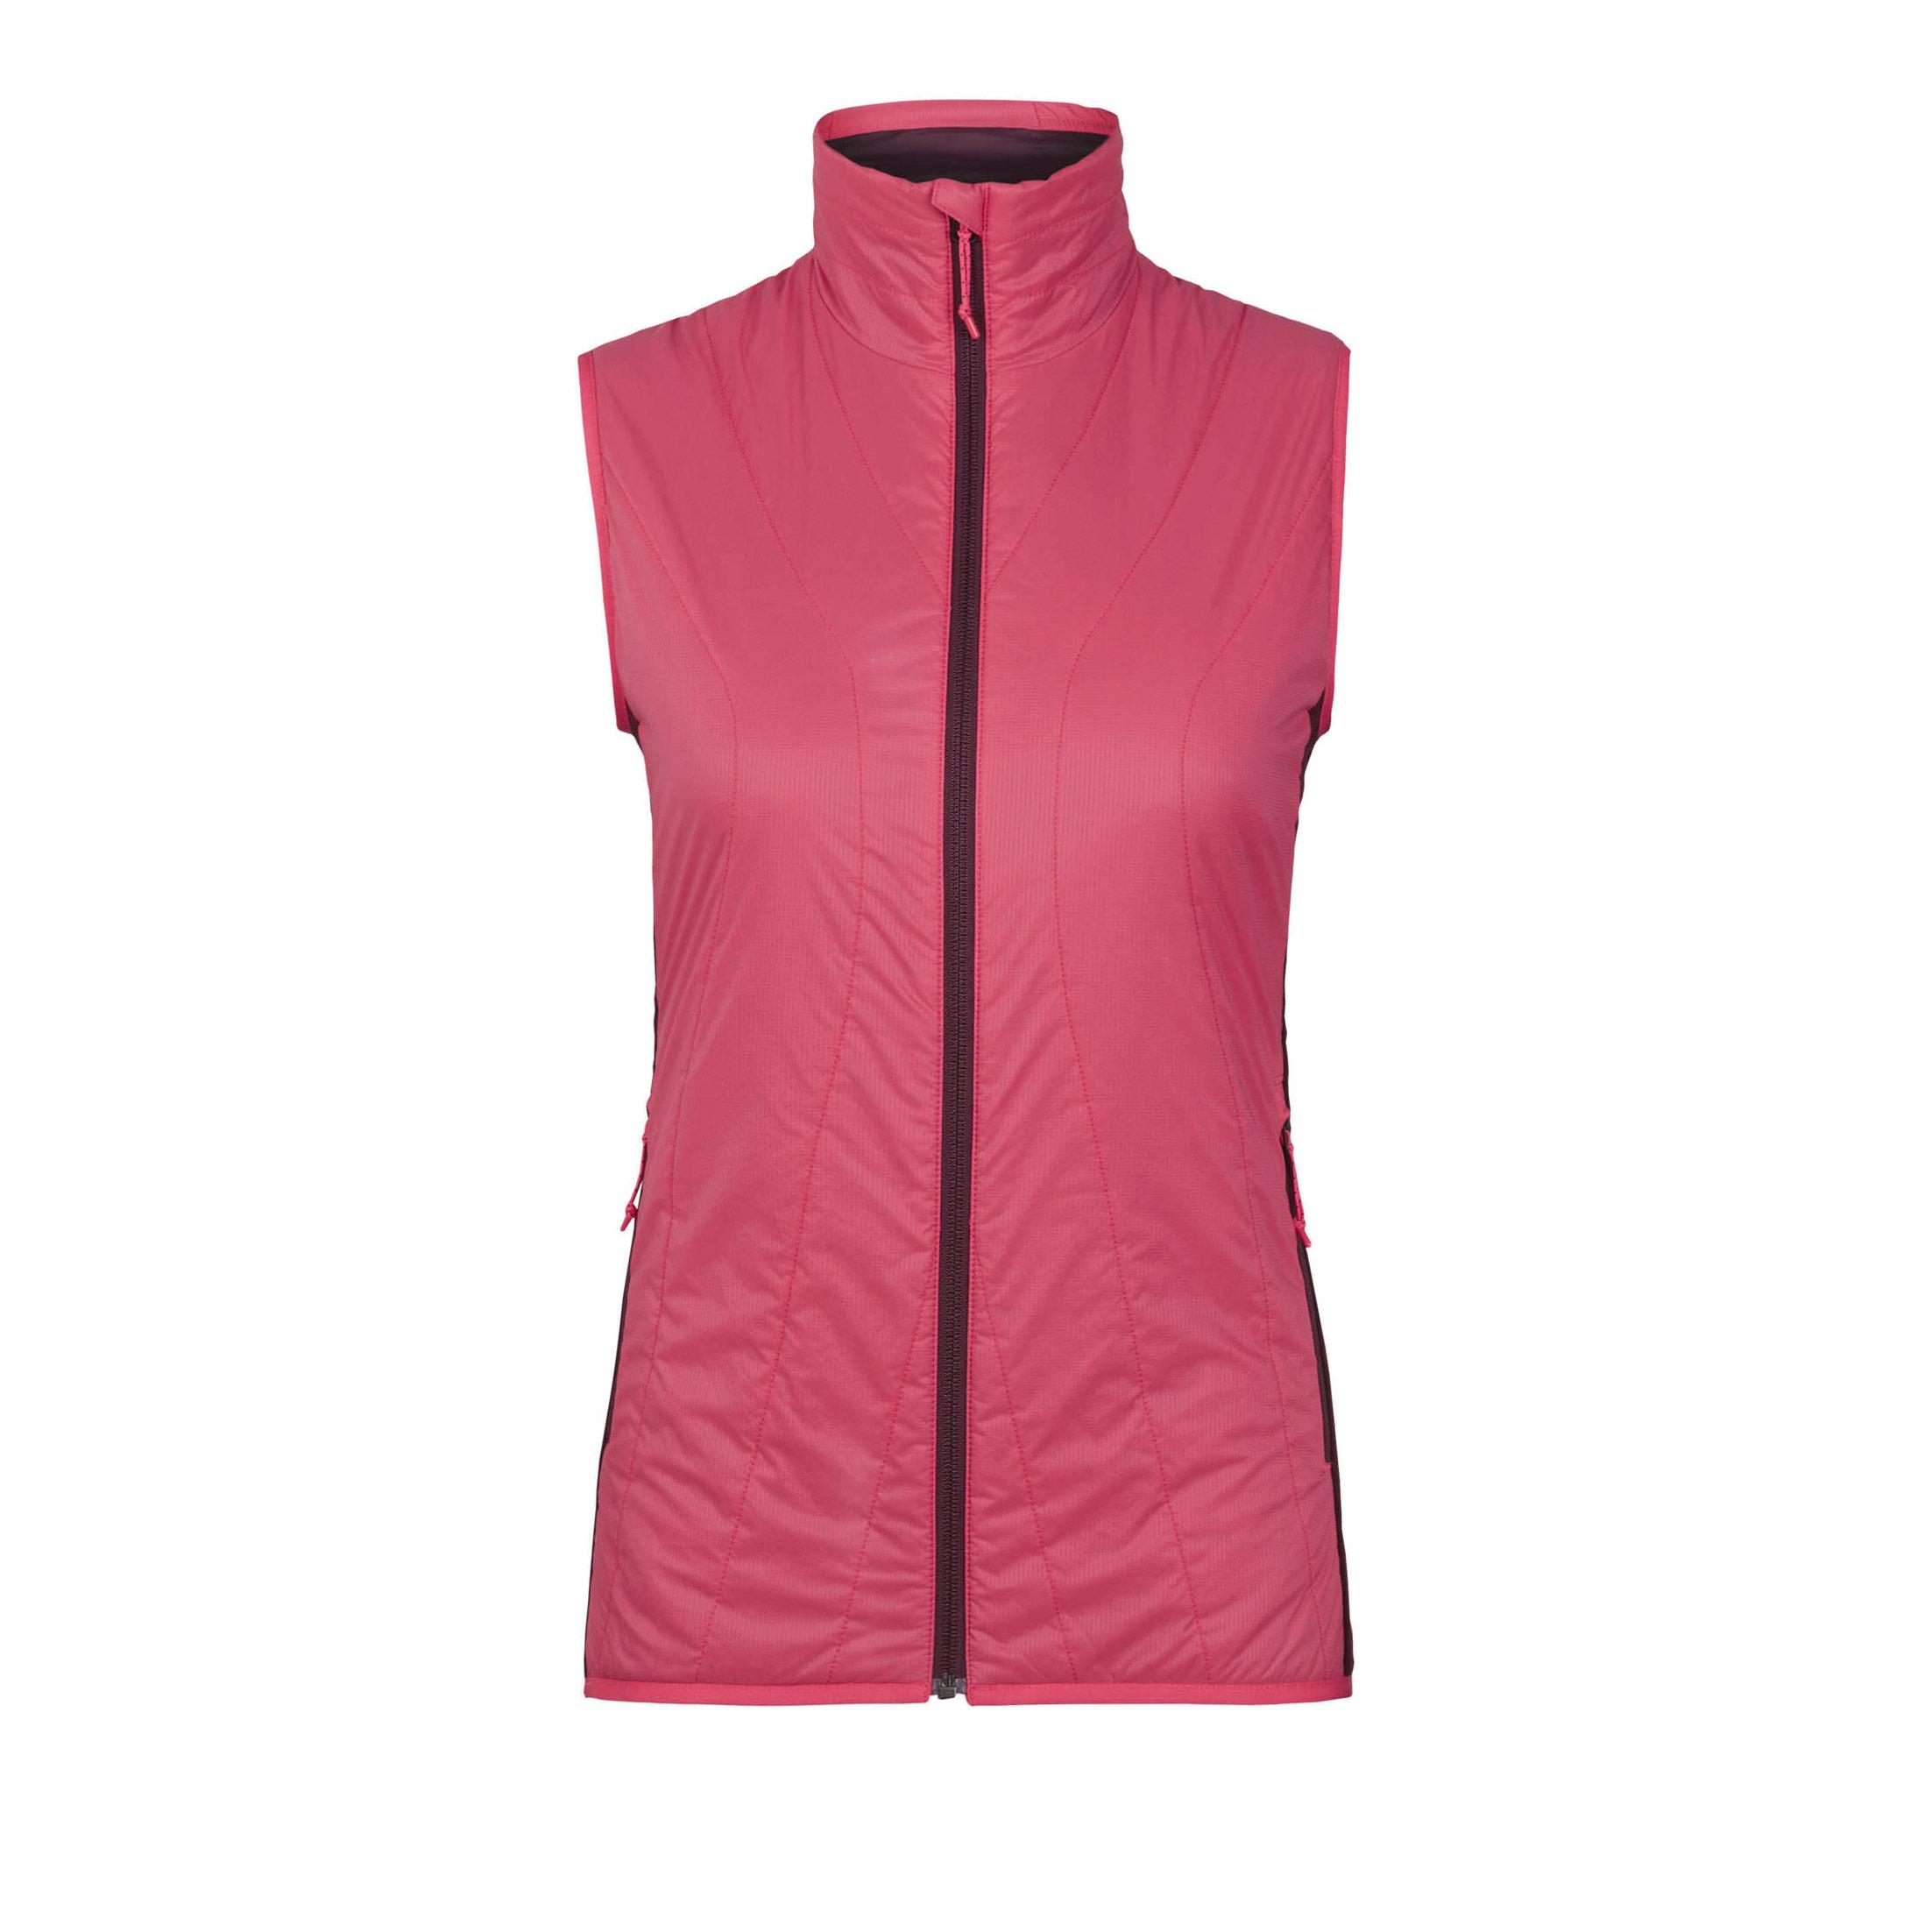 Hyperia Lite Hybrid Vest - Women's